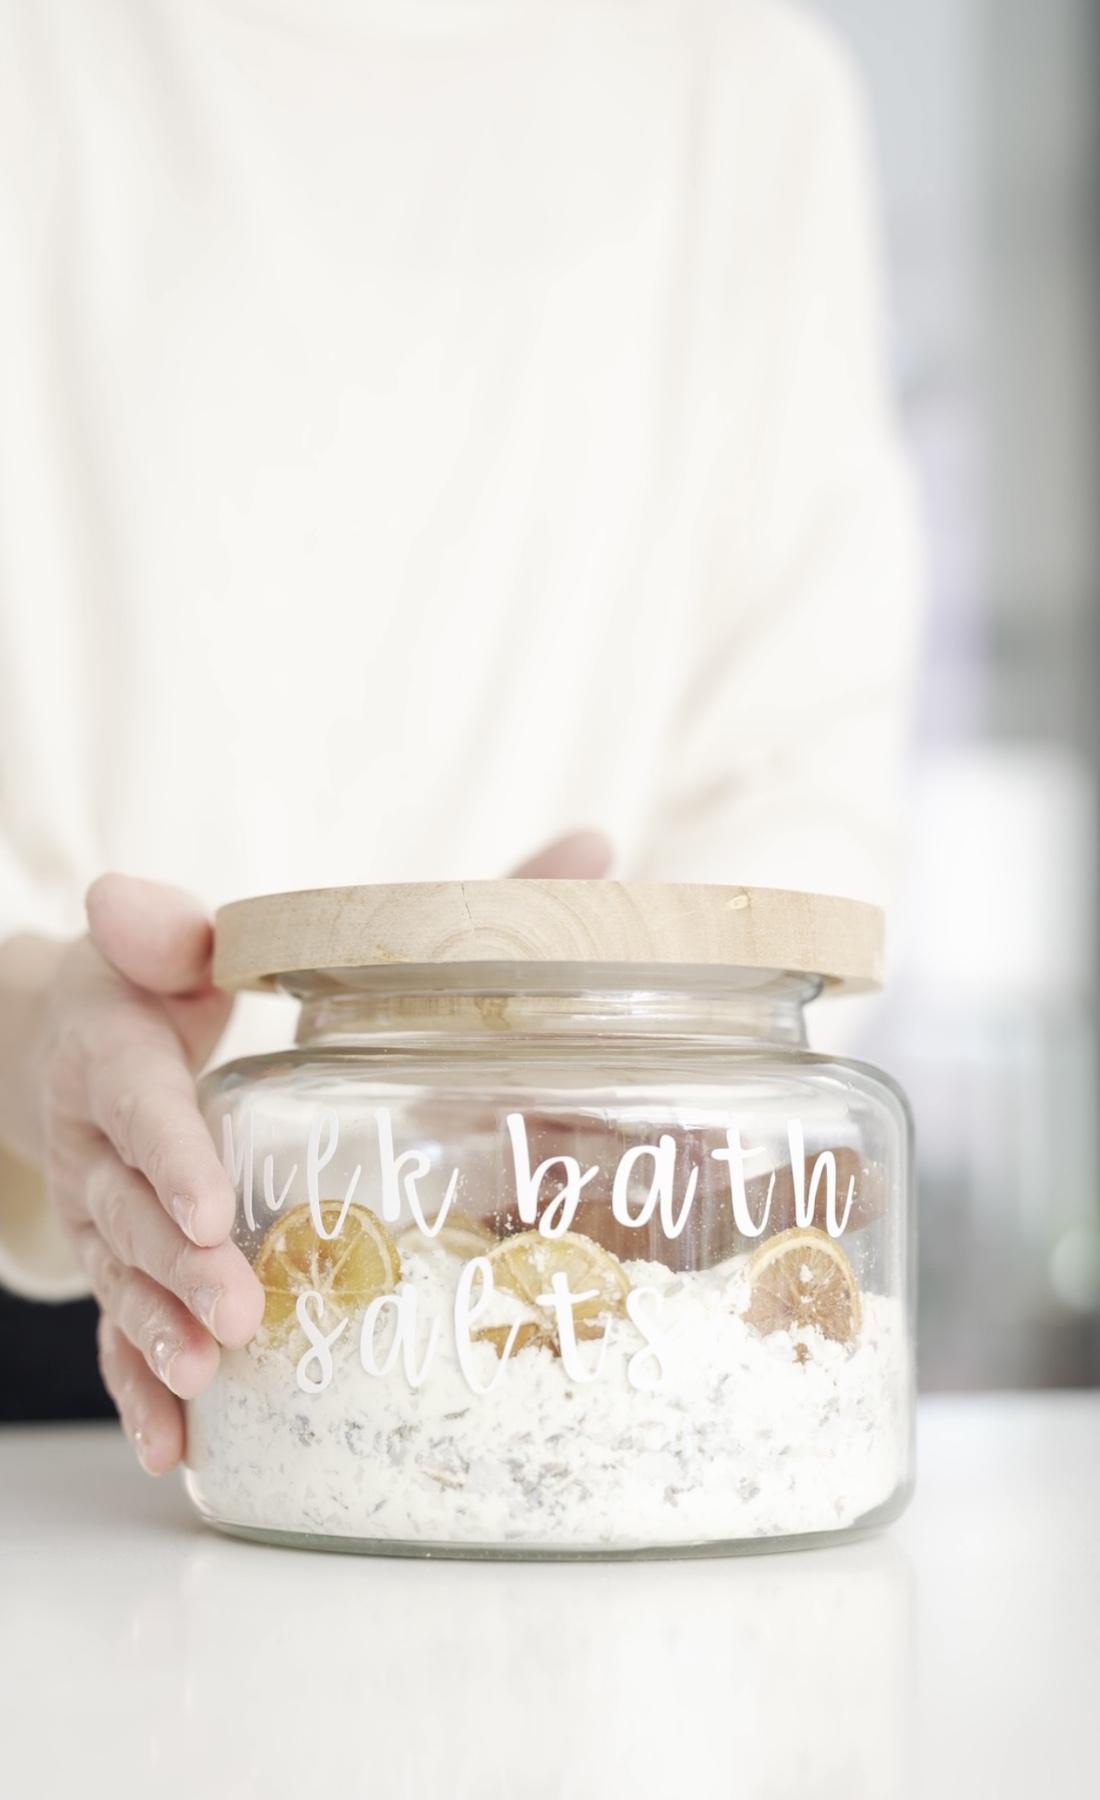 Milk bath salts in airtight container